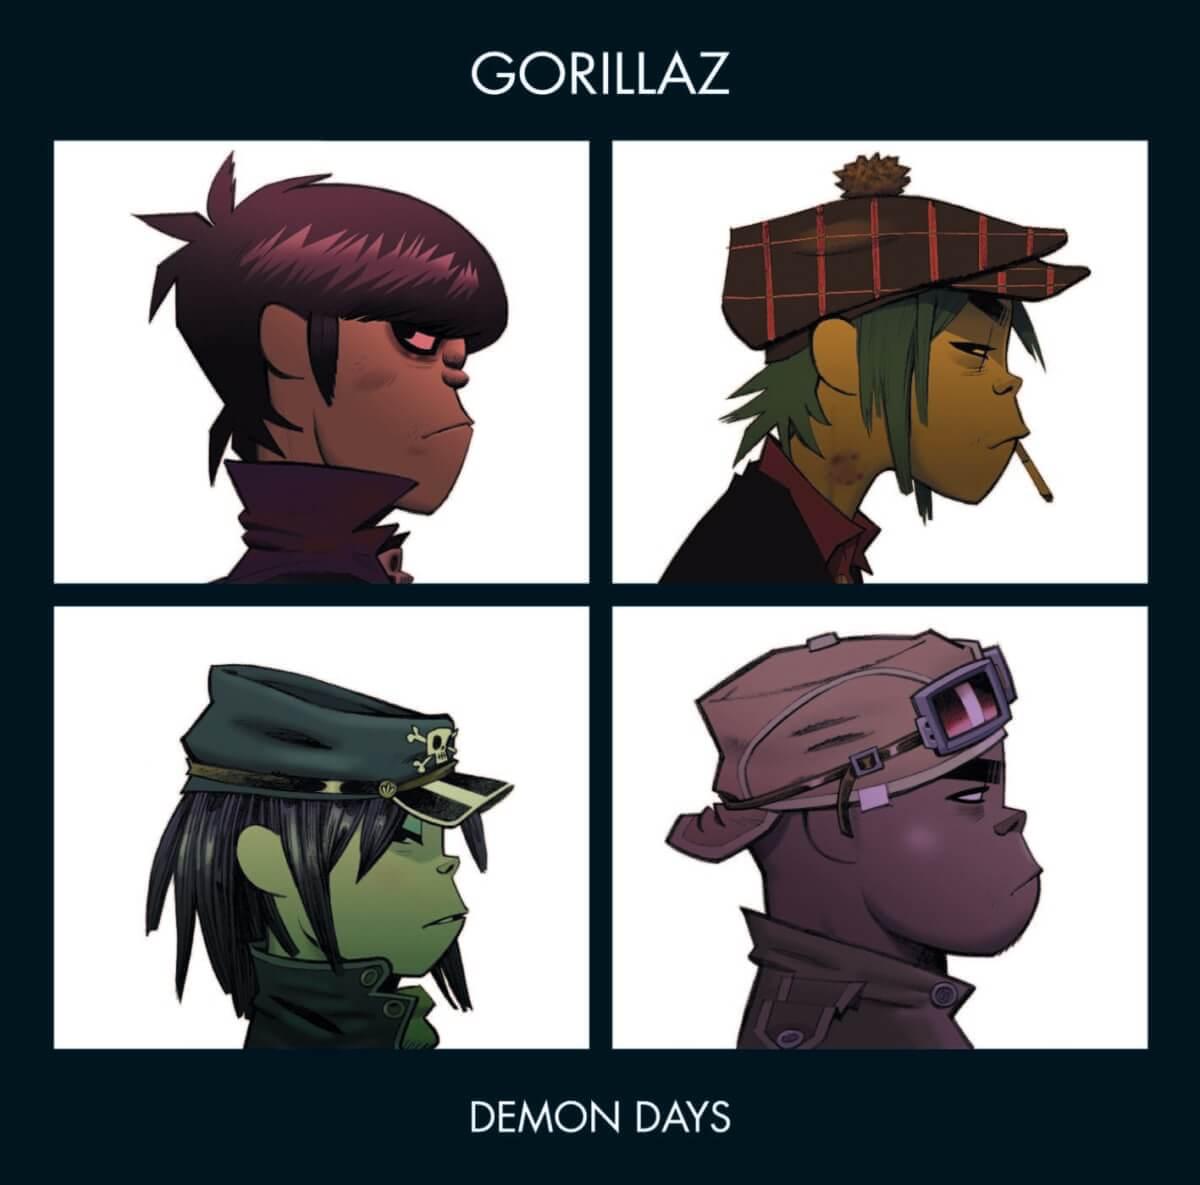 【まとめ】ゴリラズウィキペディア!メンバーや設定、バンドストーリーを徹底検証 gorillaz-wiki-feature_Demon-Days-1200x1185